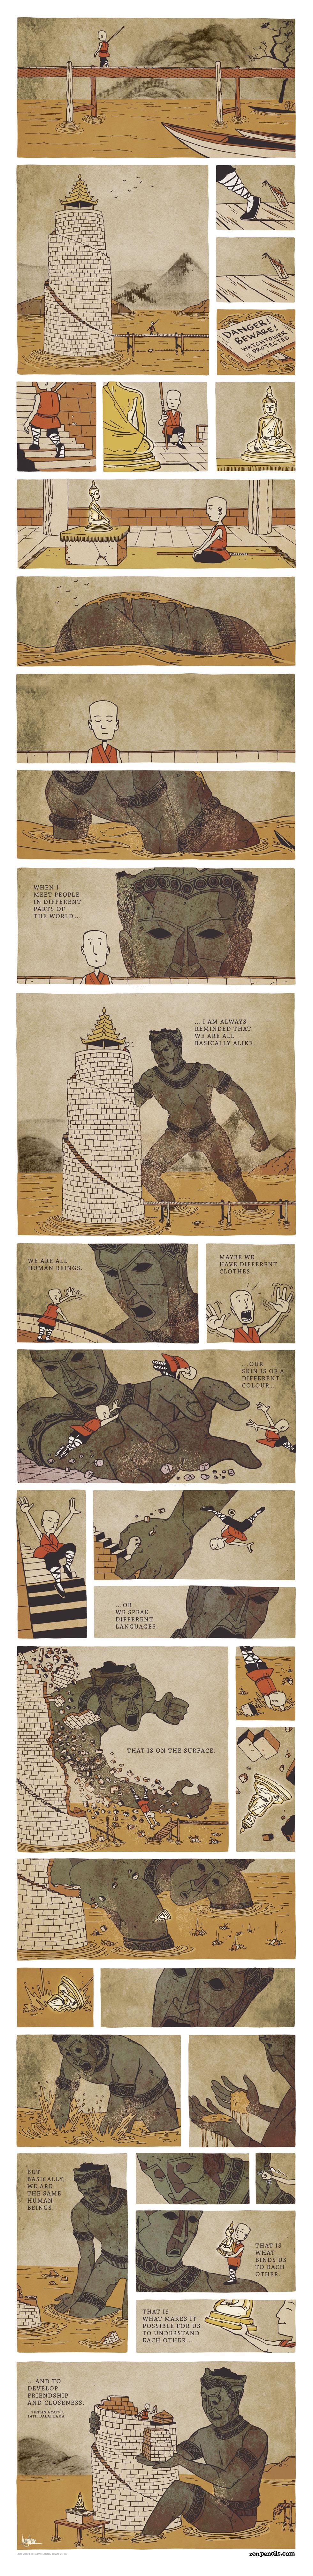 zen-illustrations-dalai-lama